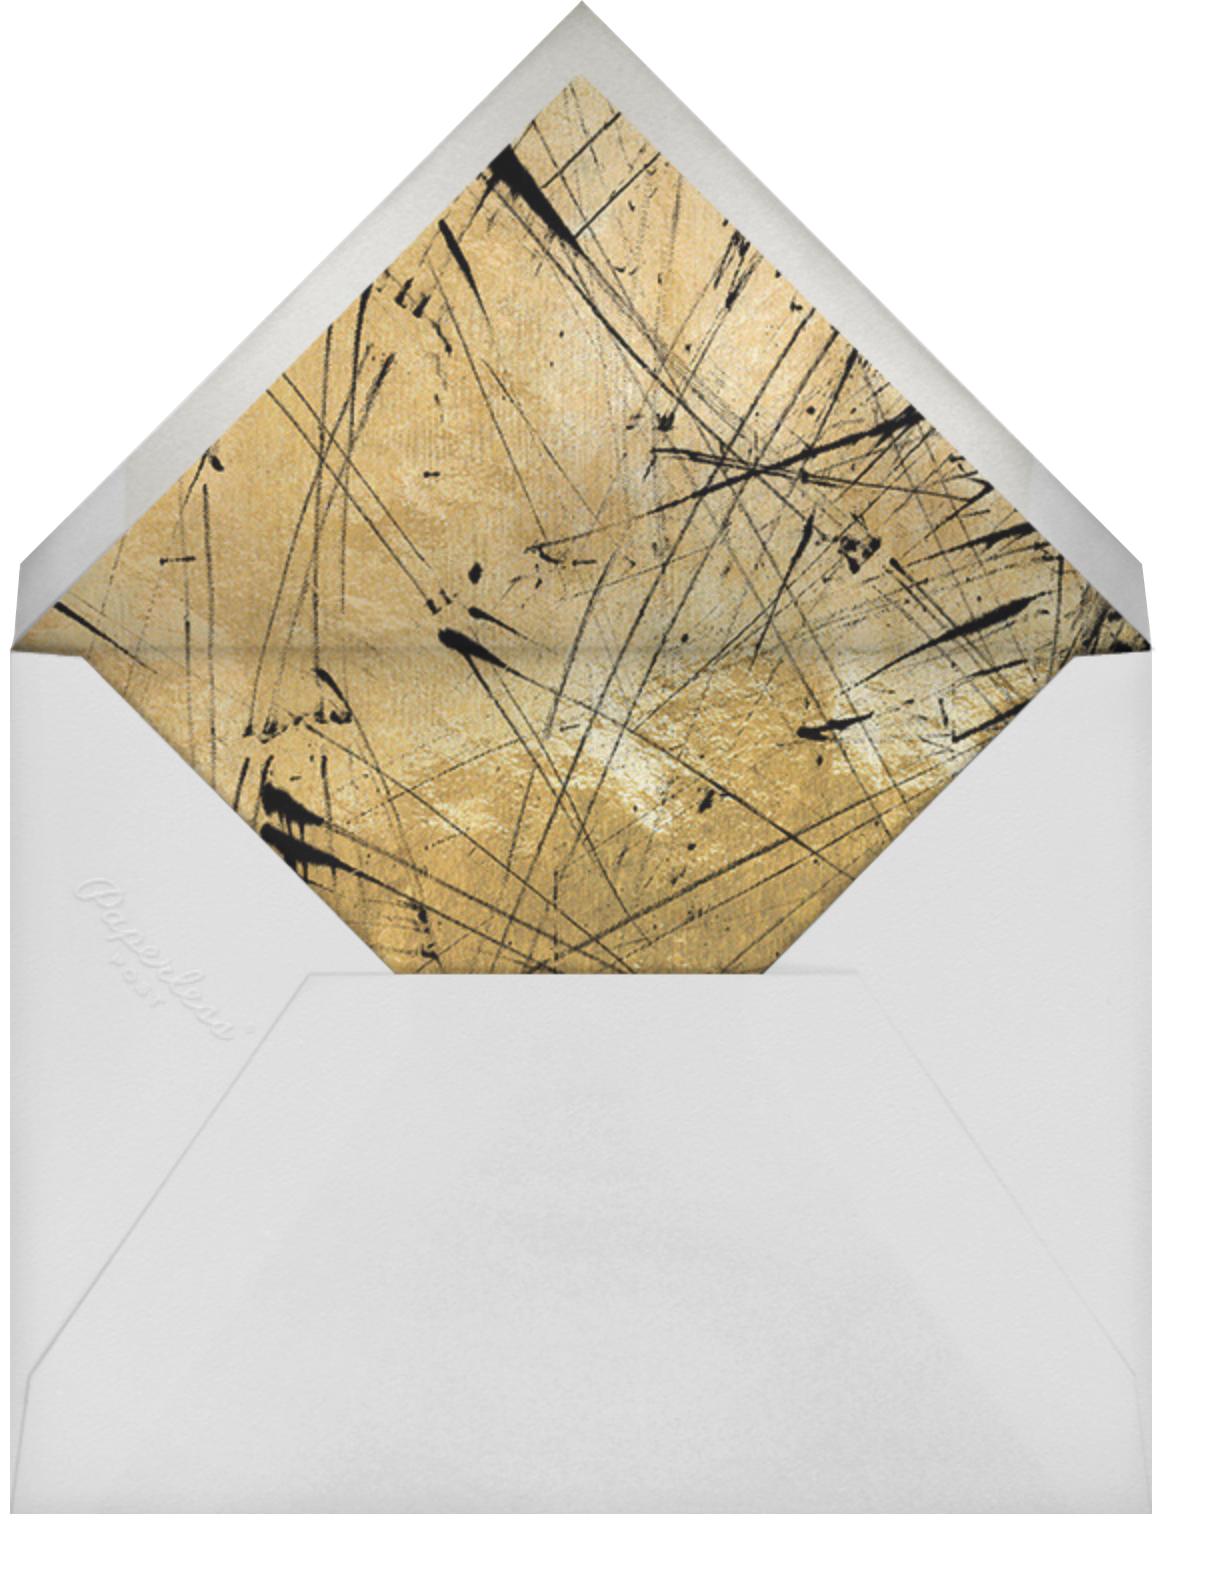 Flurry - Chamois - Kelly Wearstler - Adult birthday - envelope back